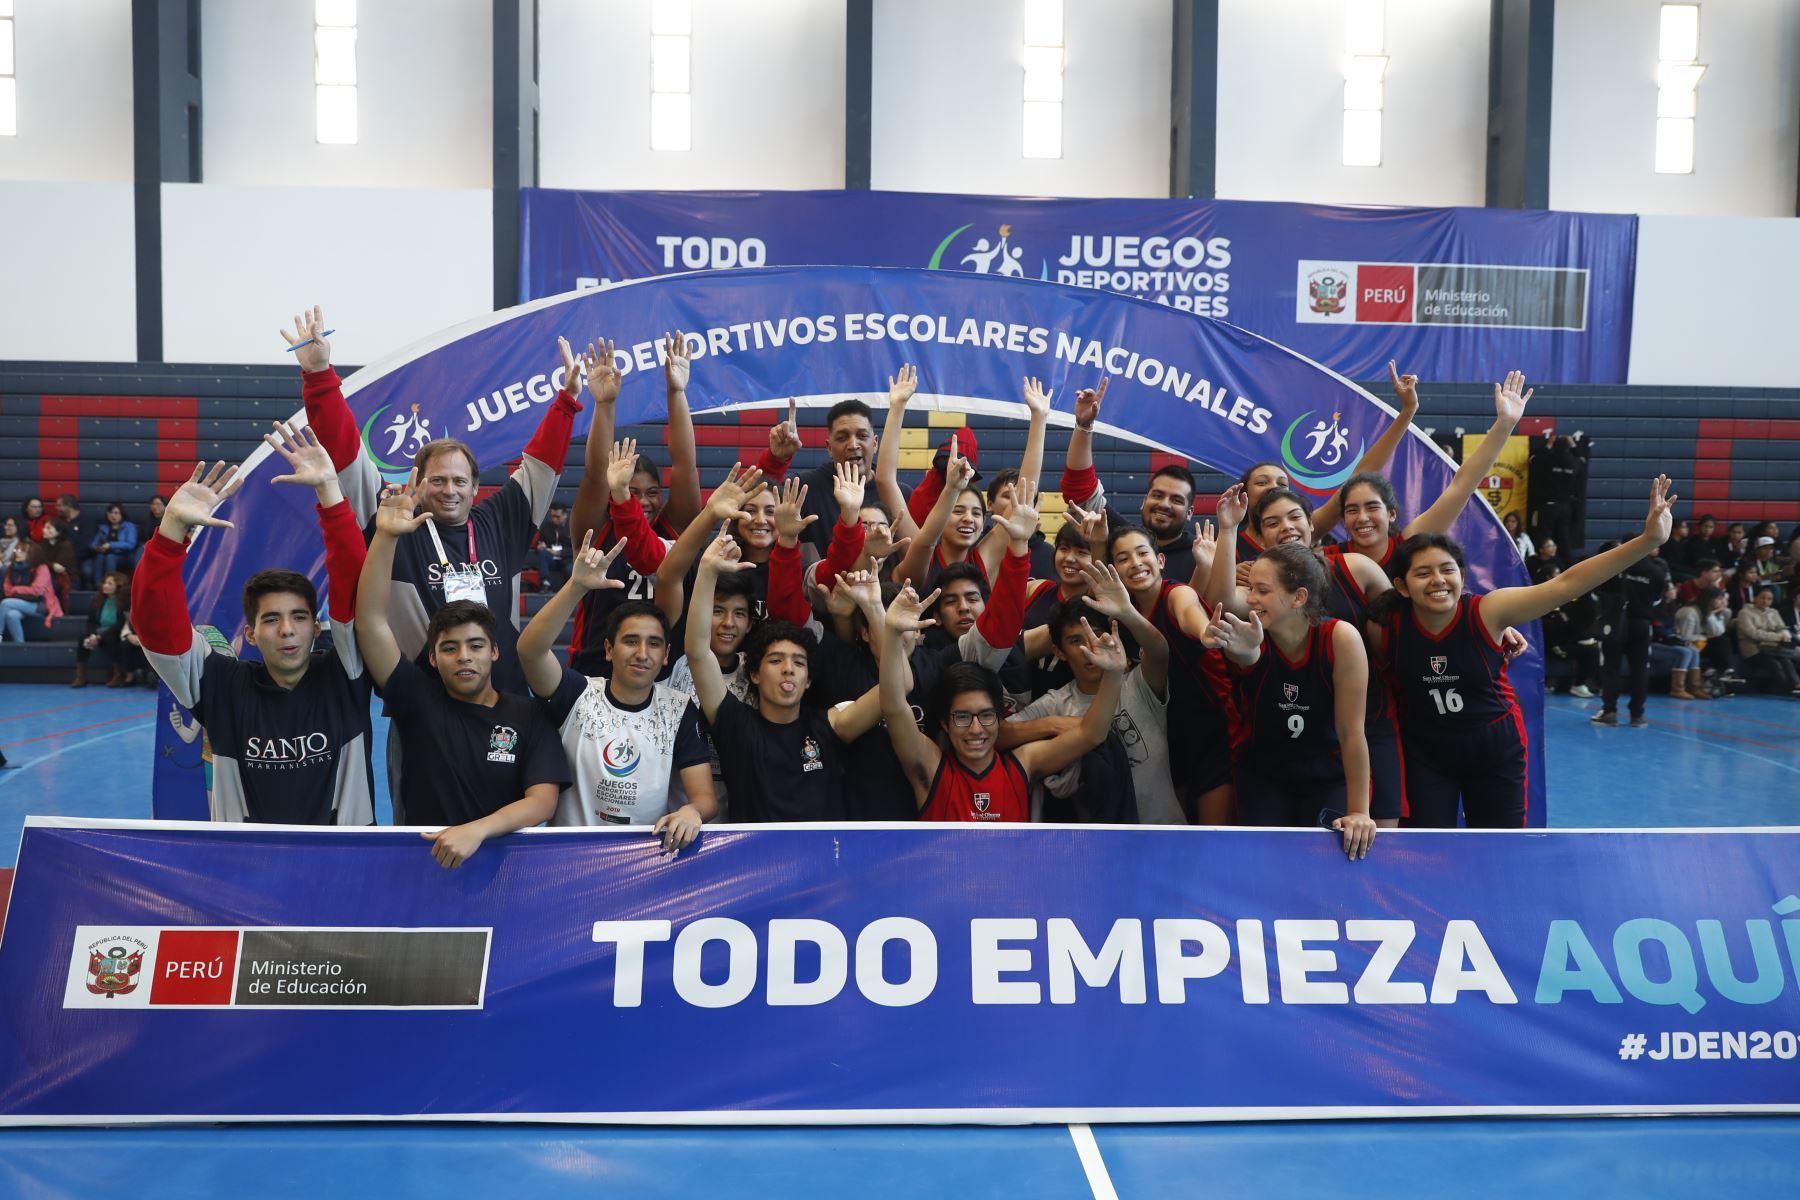 Colegio San José Obrero Maristas de Trujillo gana medalla de oro en categoría masculina y femenina por  los Juegos Deportivos Escolares Nacionales 2019. Foto: ANDINA/Renato Pajuelo